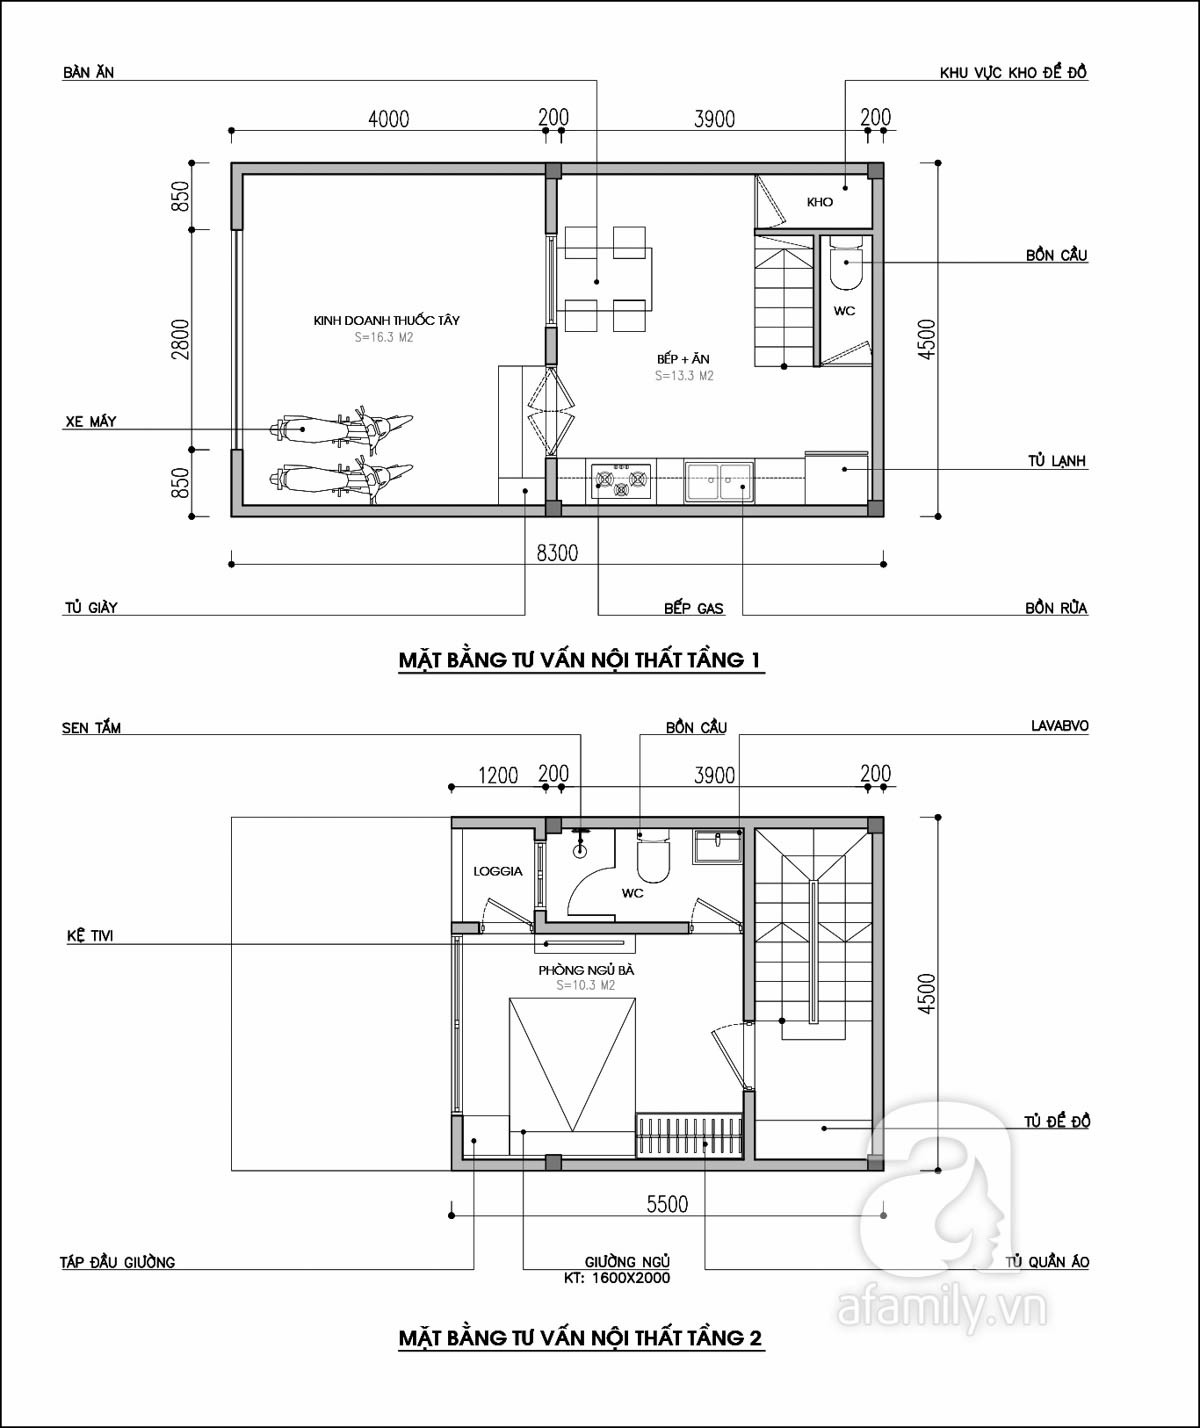 Tư vấn thiết kế nhà ống 20m² cho gia đình 3 thế hệ vừa để kinh doanh vừa ở - Ảnh 1.